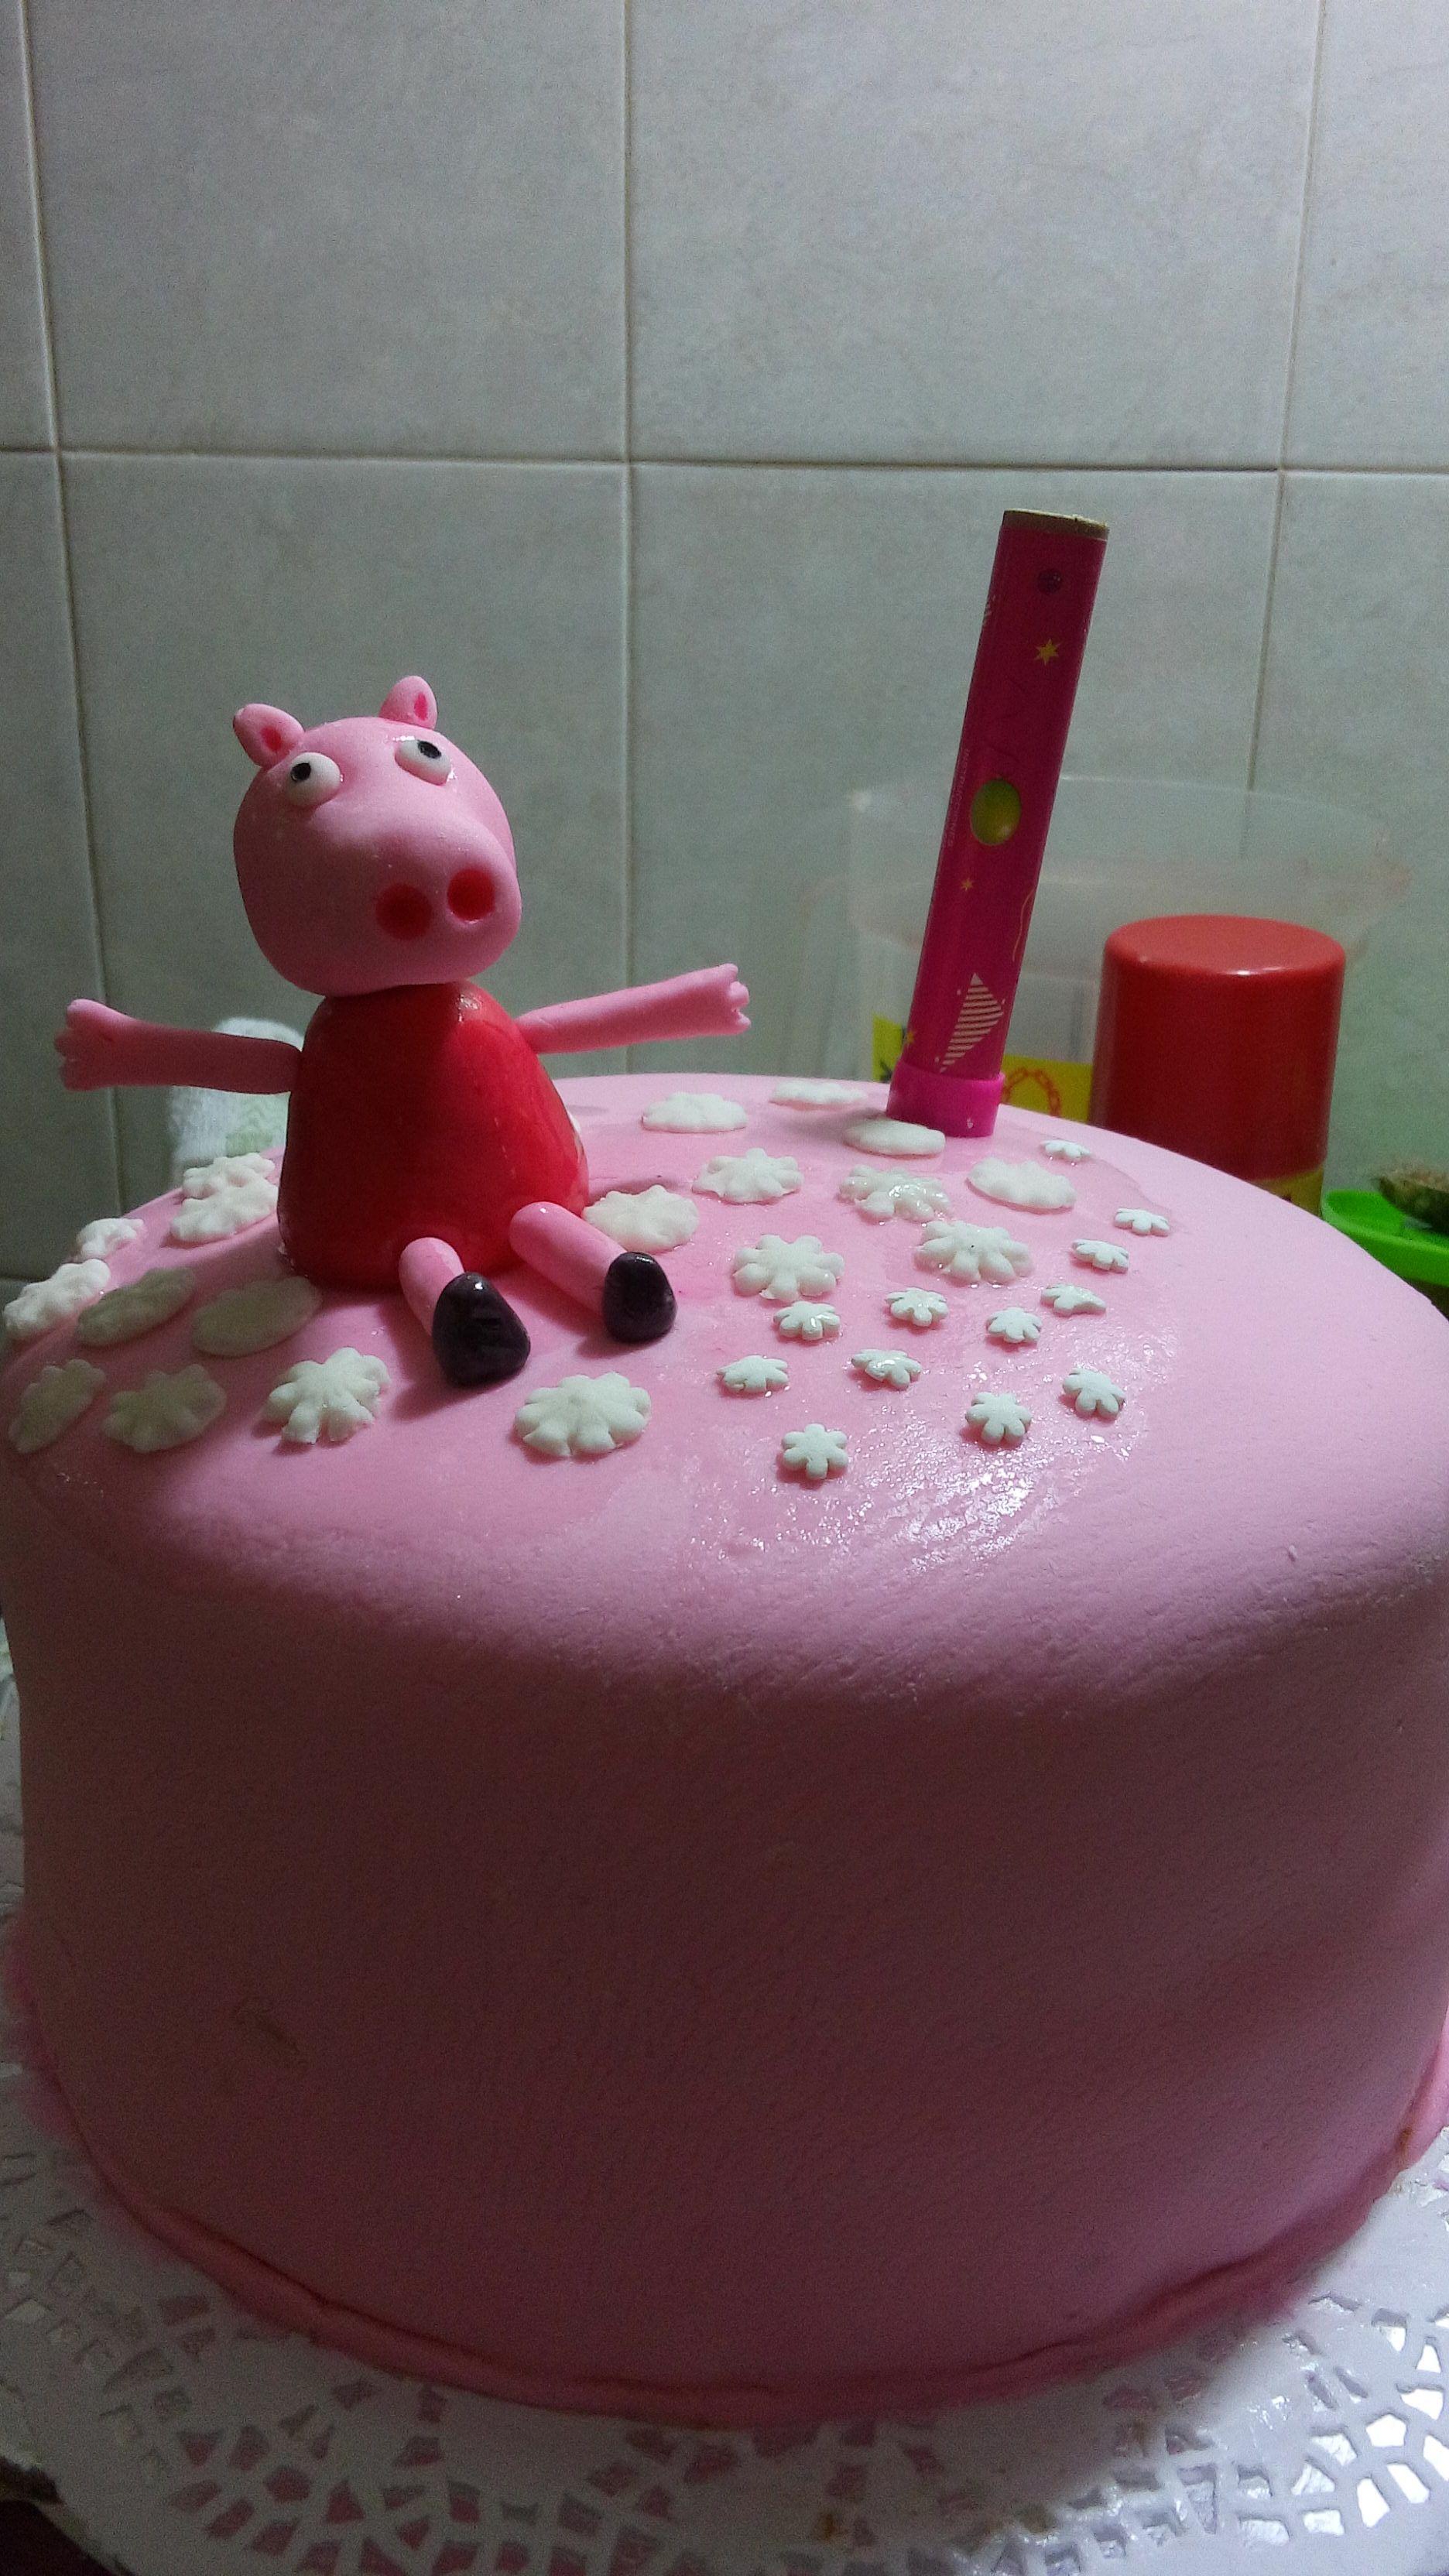 Mi Pastel de Peppa Pig! fondant de bombones o marshmellows, y pan de vainilla con relleno crema.